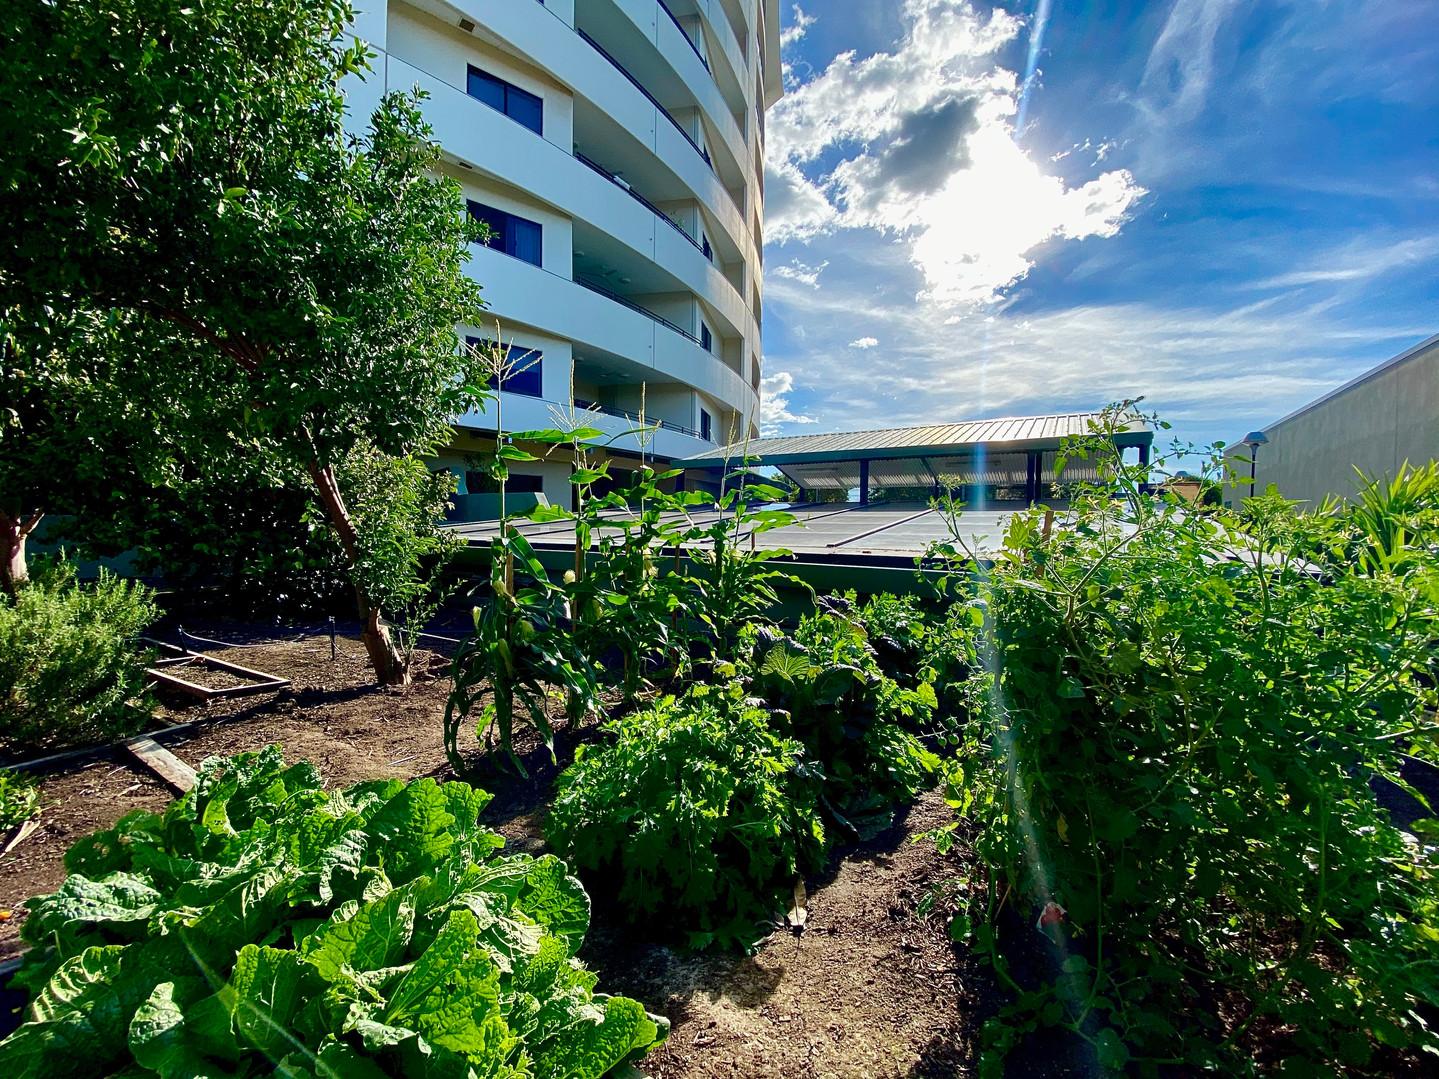 The Avenue Residential Veggie Garden